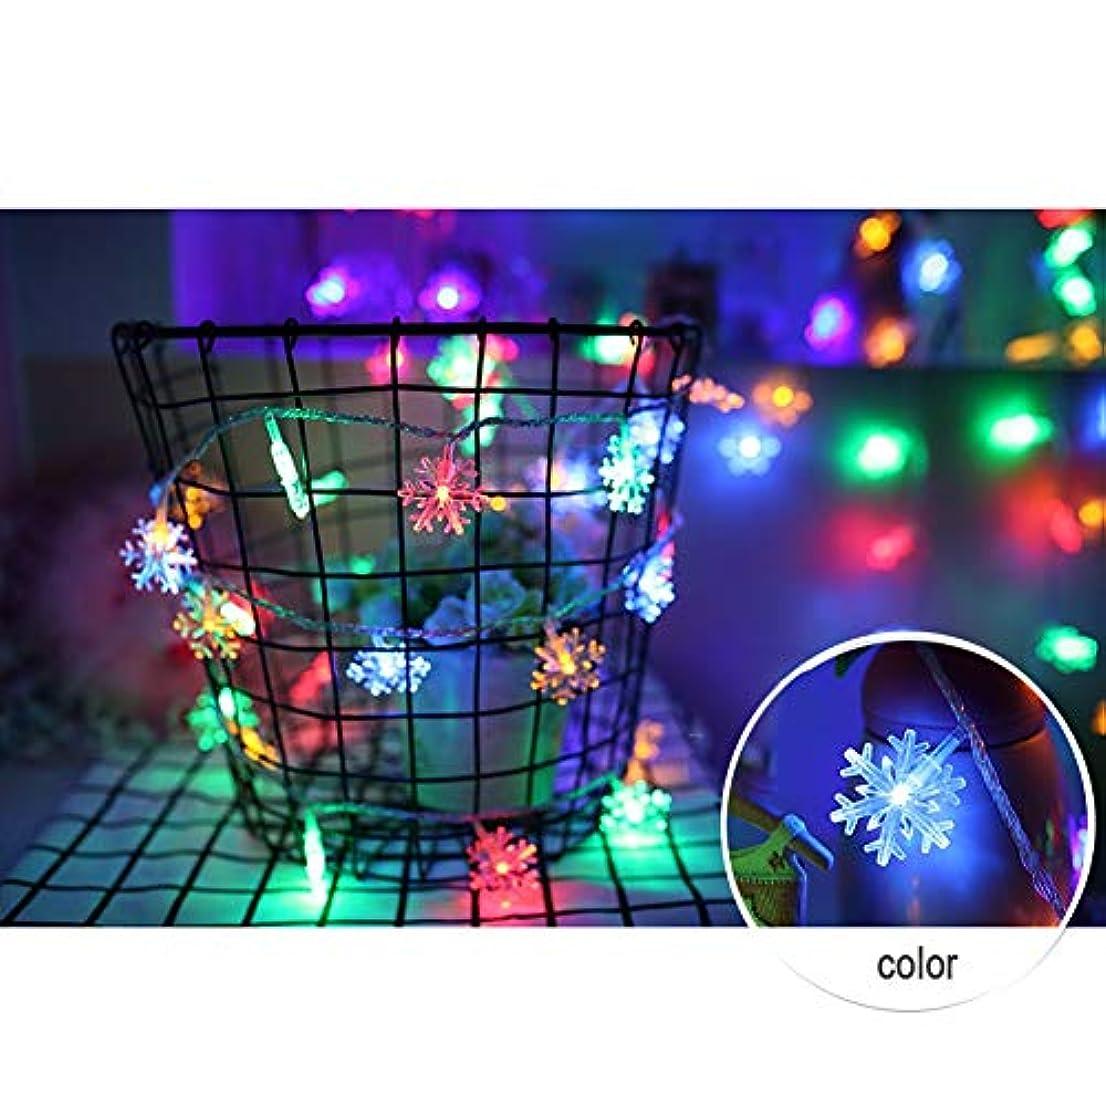 マングル可塑性祝う電池式 ストリングライト - 防雨型 スノーフレークLEDイルミネ ーションライト ロマンチックな雰囲気を作る屋外用 ワイヤーライト イルミネーションライト、庭、パティオ、バルコニ、ークリスマス